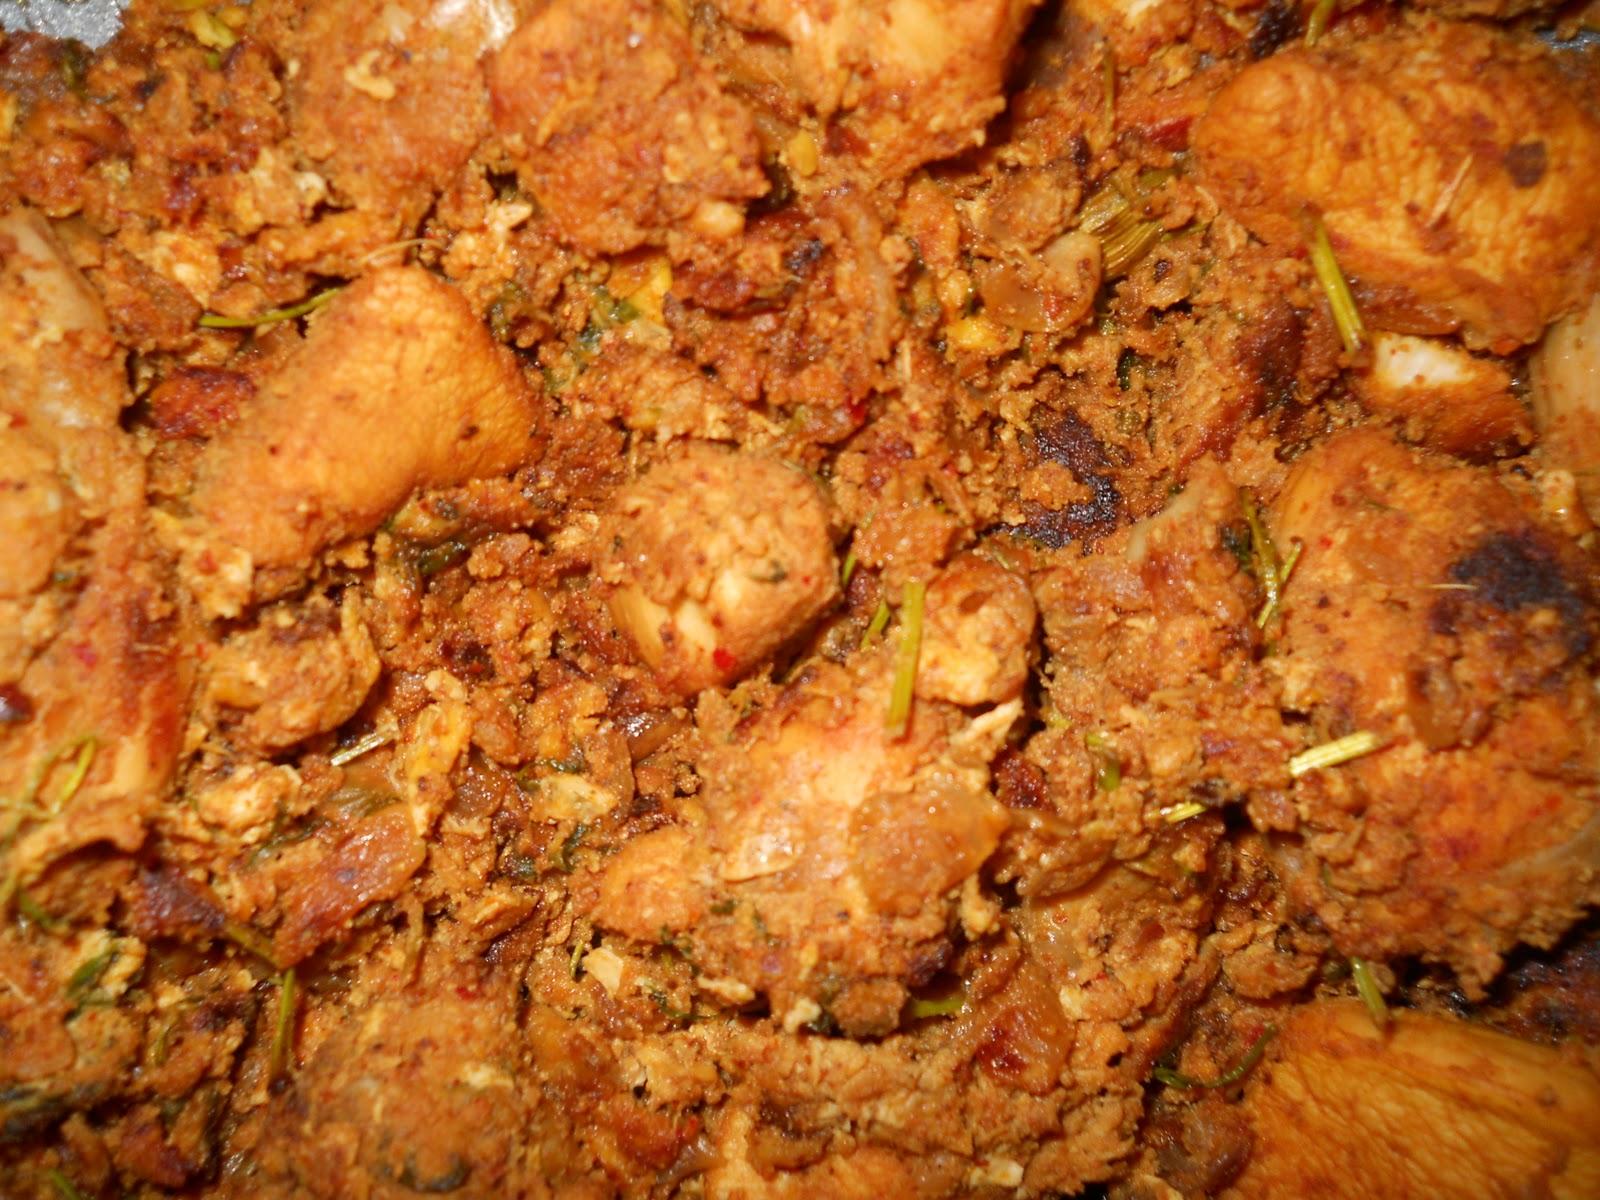 Bhashnas Andhra kitchen: Spicy Chicken fry in coconut milk